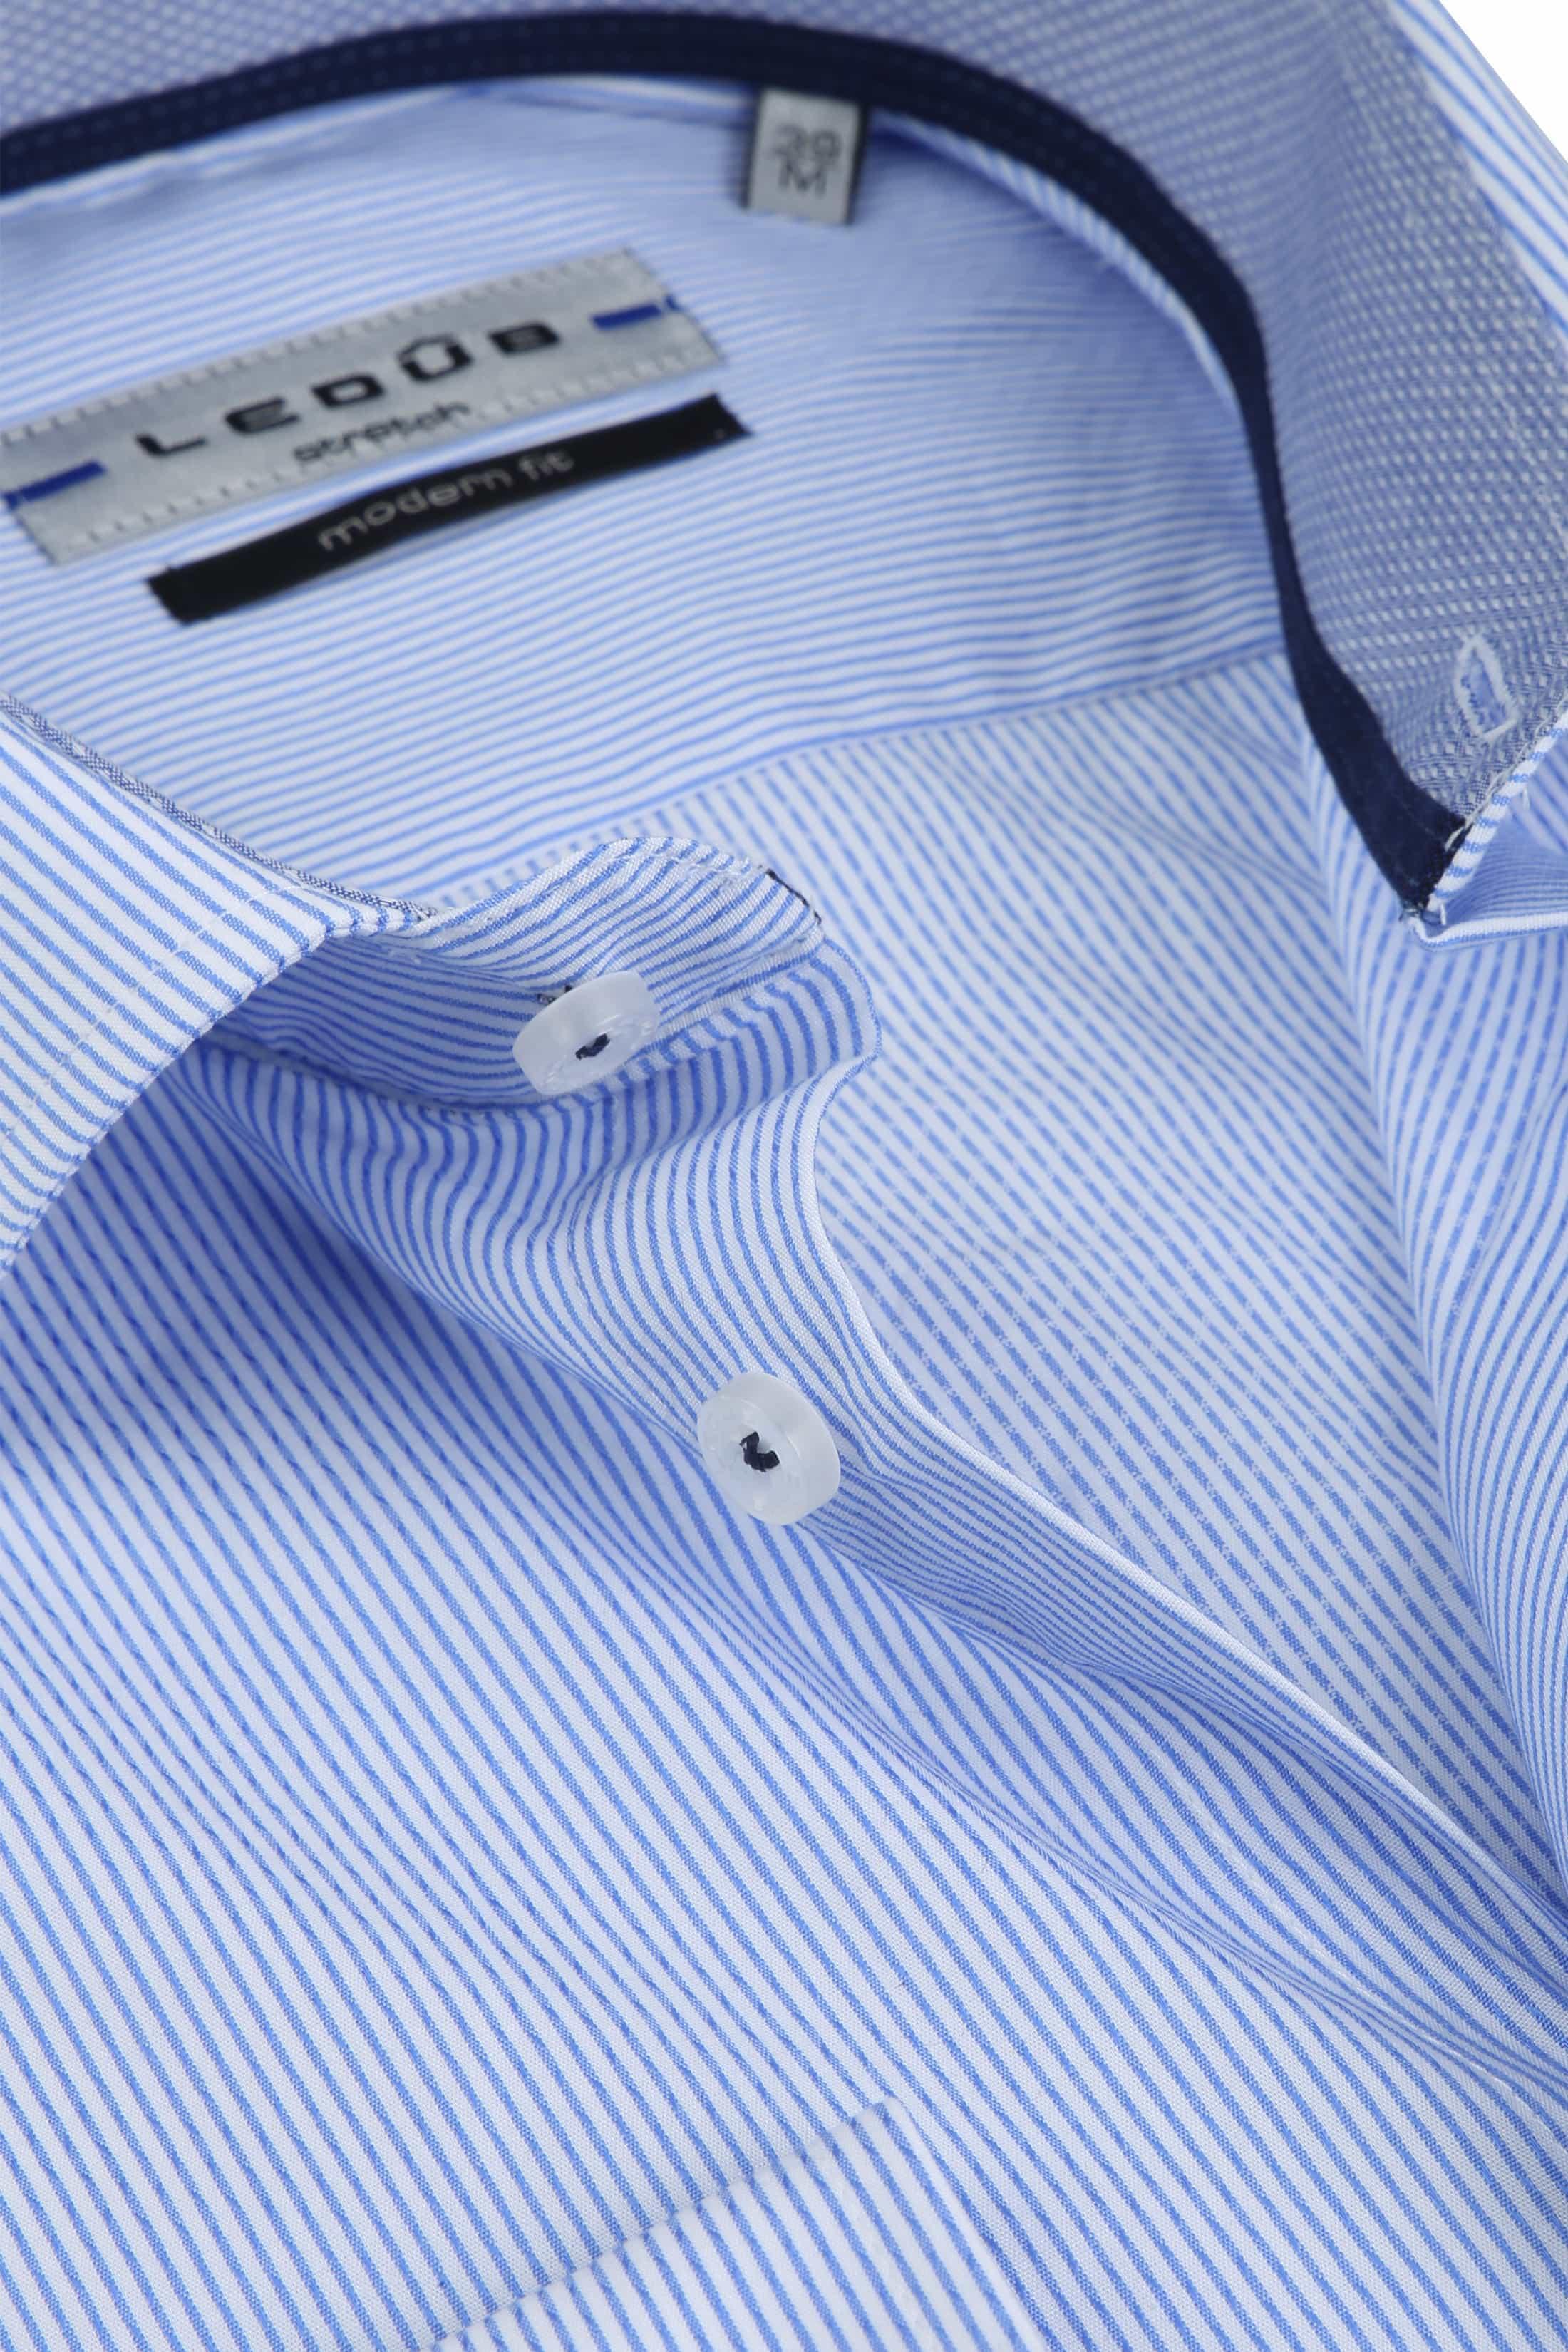 Ledub Hemd Stretch Streifen Blau foto 1